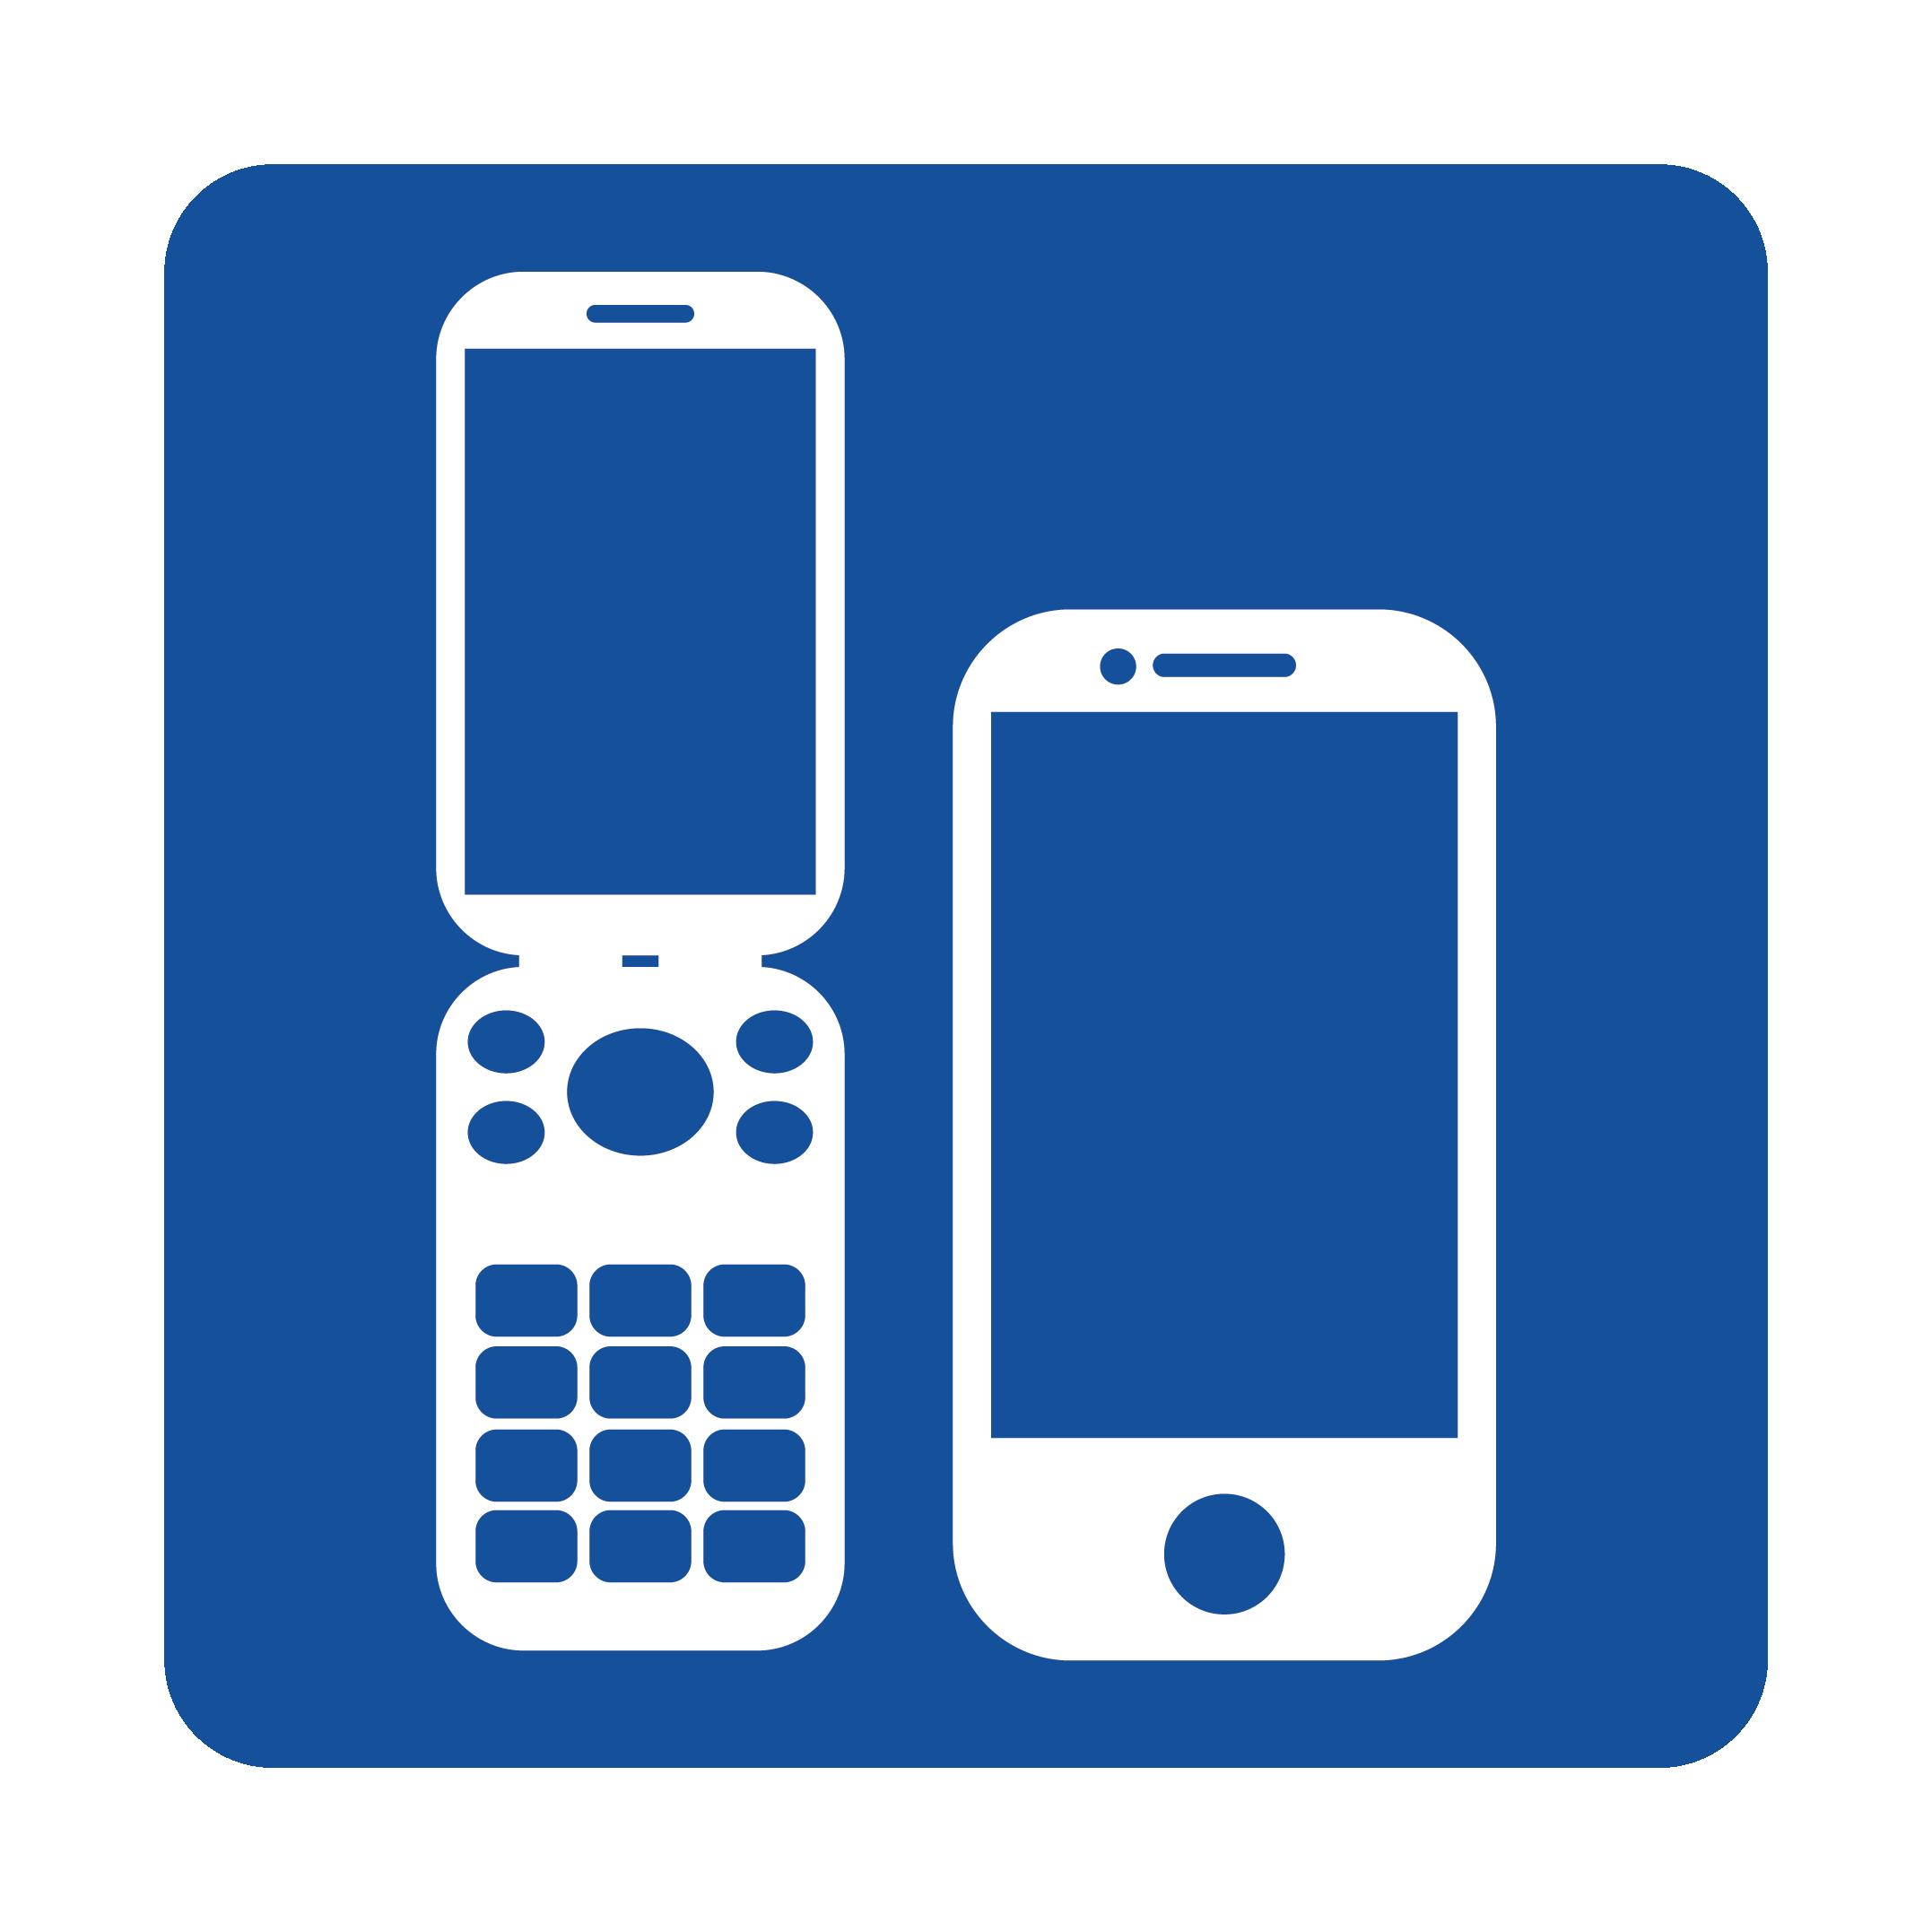 携帯電話のマークのイラスト | 商用フリー(無料)のイラスト素材なら